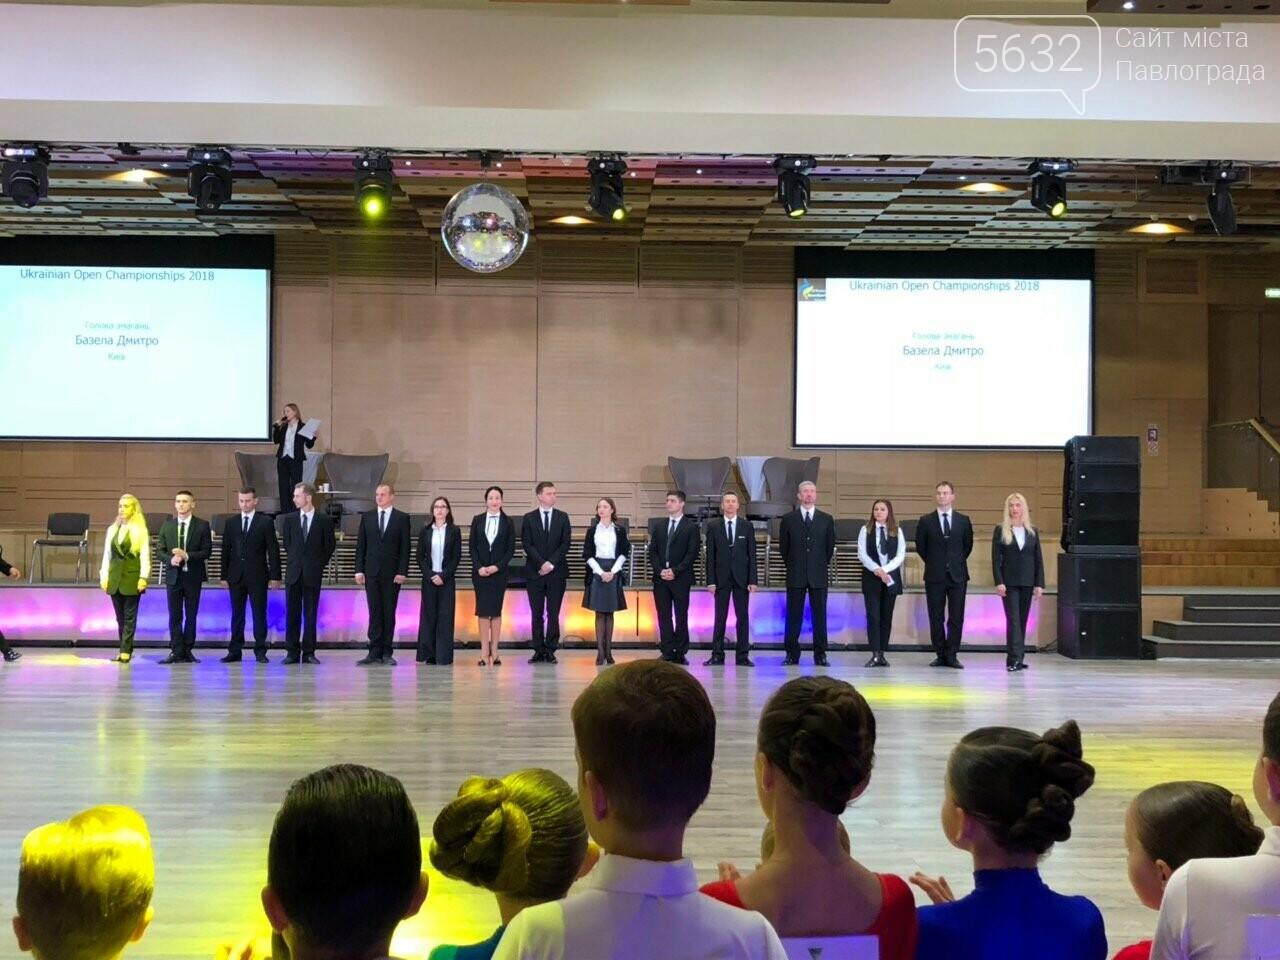 Павлоградцы покорили главные соревнования страны по спортивно-бальным танцам, фото-5